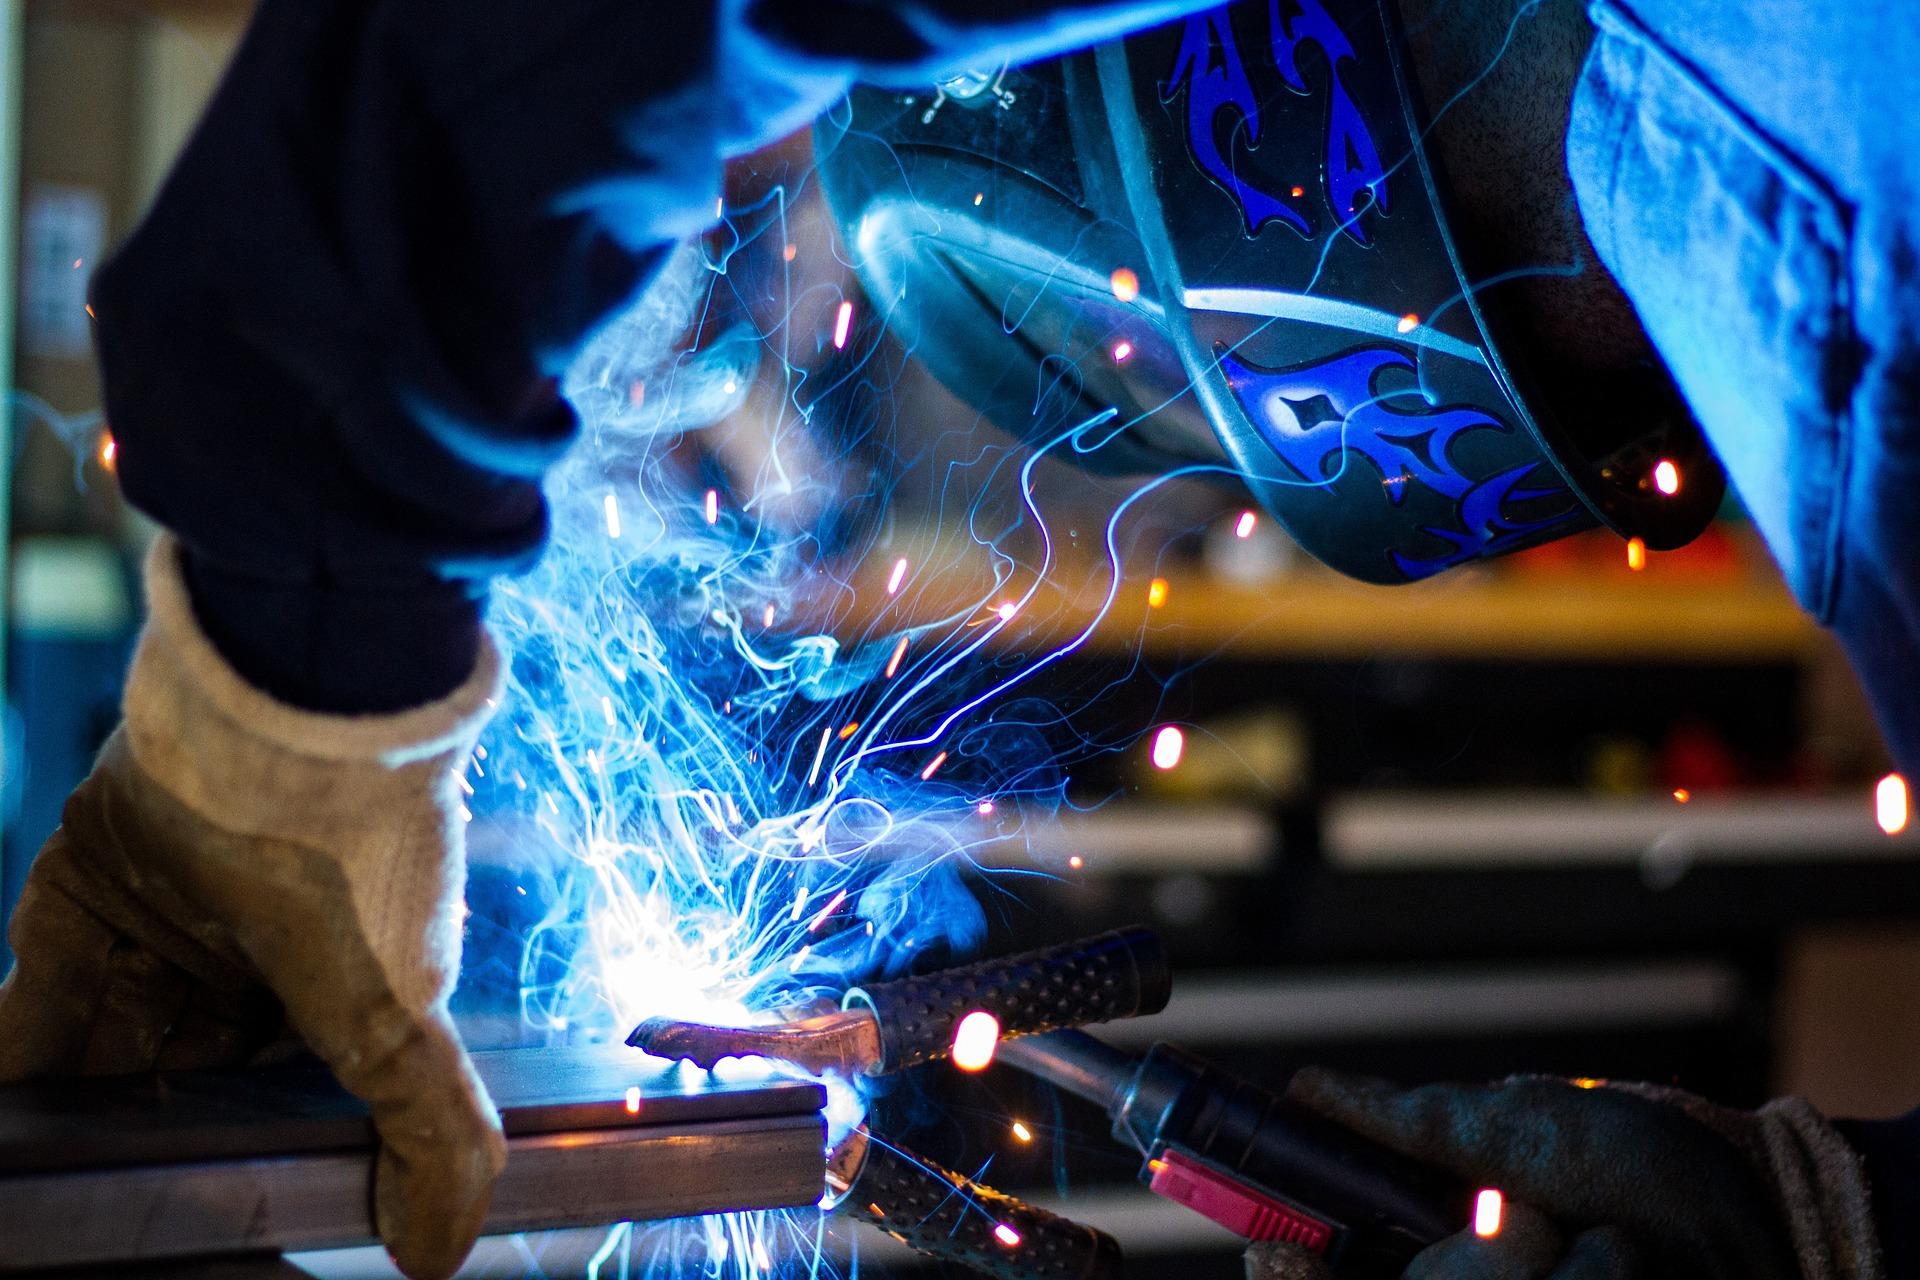 Schweißarbeiten vom Metallparadies - gerne fertigen wir etwas nach Ihren Wünschen.